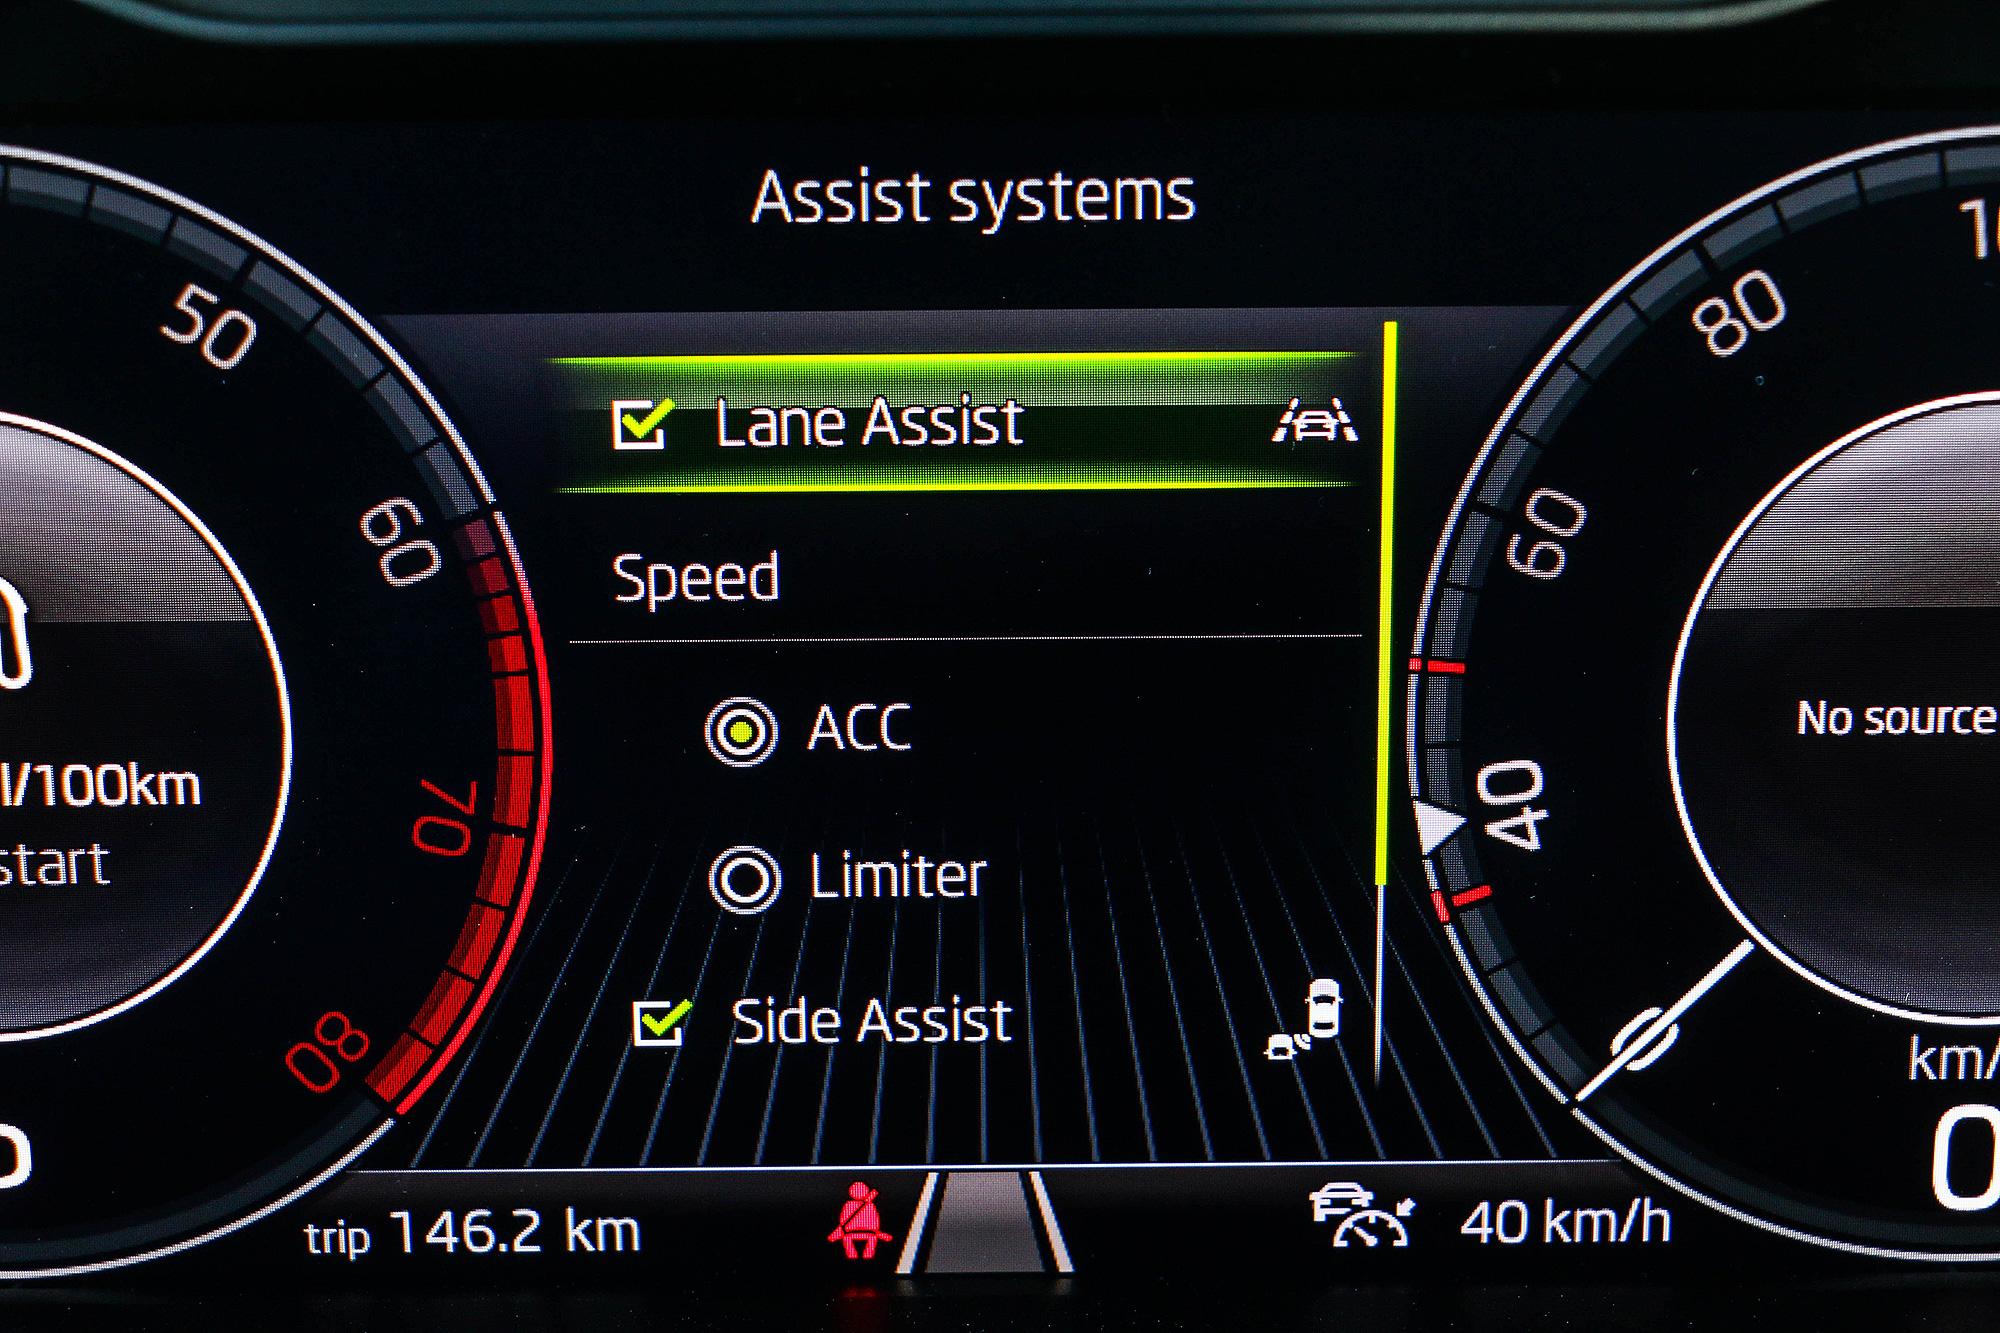 Lane Assist 系統若維持開啟,時速達 60km/h 就會自動啟用。